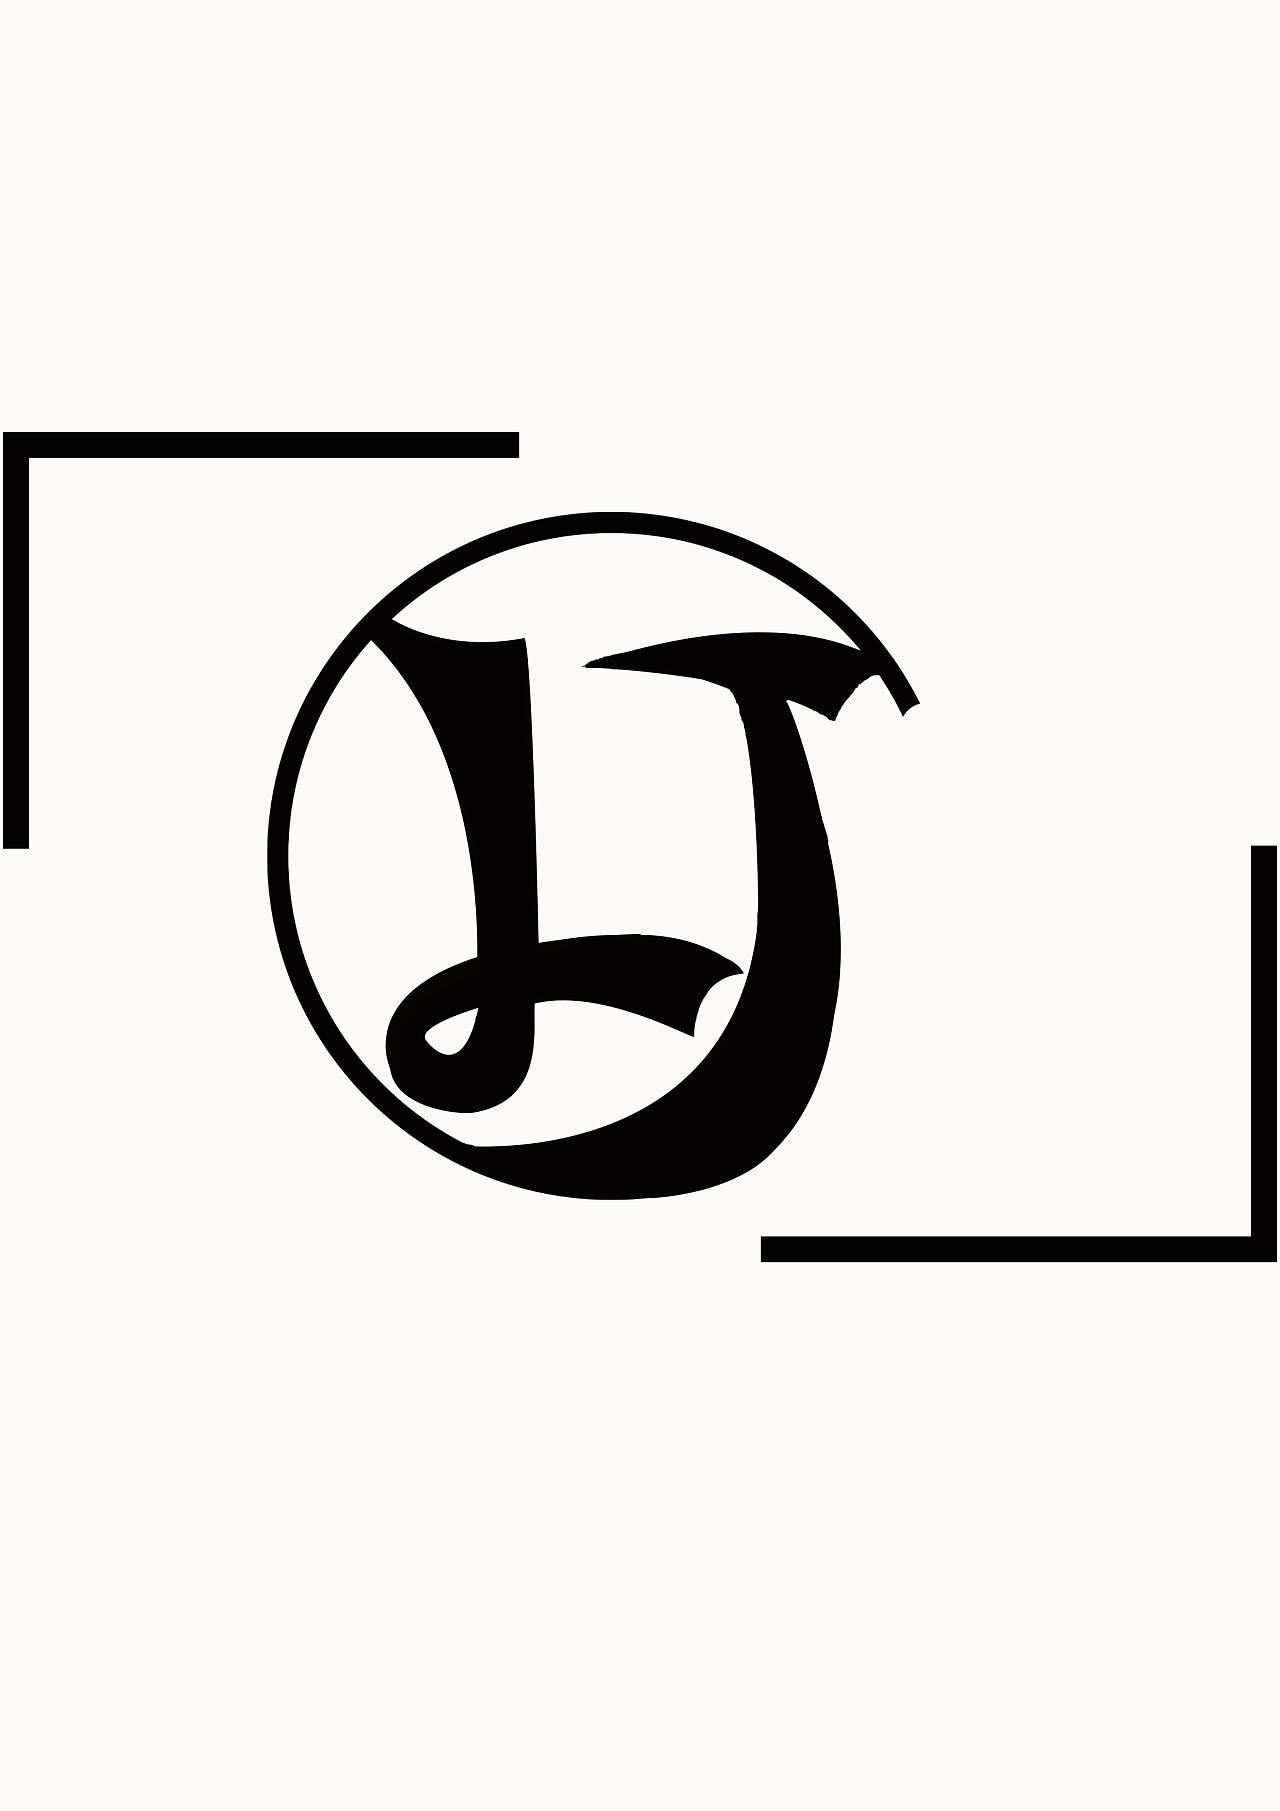 以自己名字的首字母来进行设计的一个logo图片